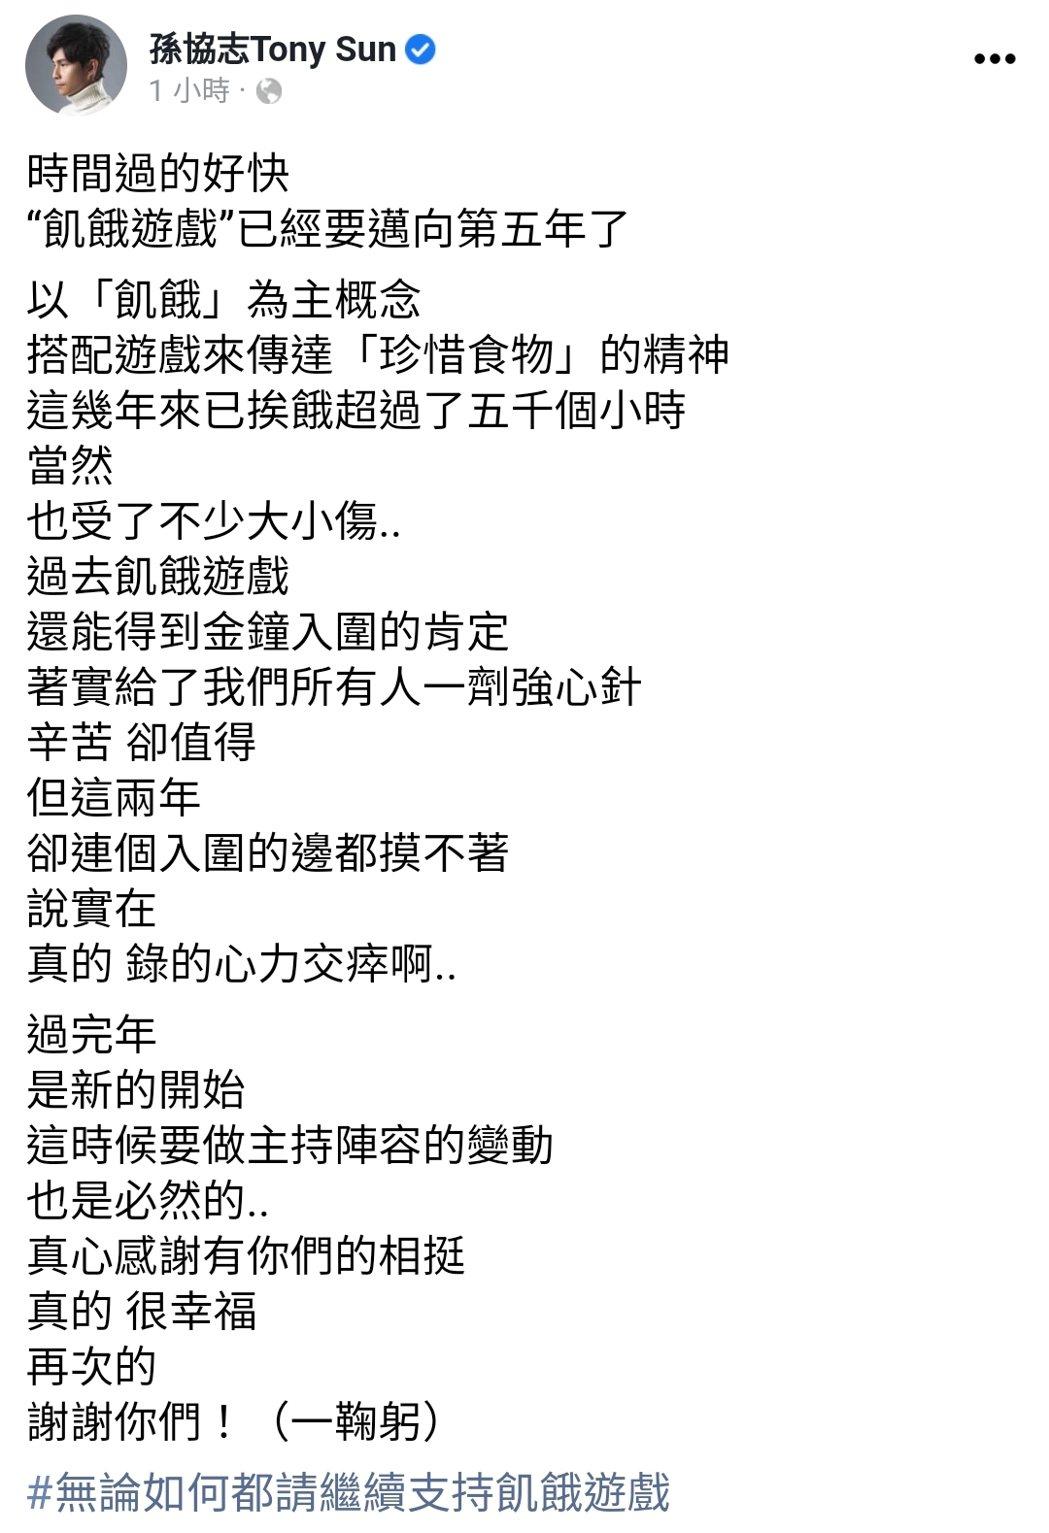 孫協志吐露「飢餓遊戲」主持陣容會有變動。 圖/擷自孫協志臉書